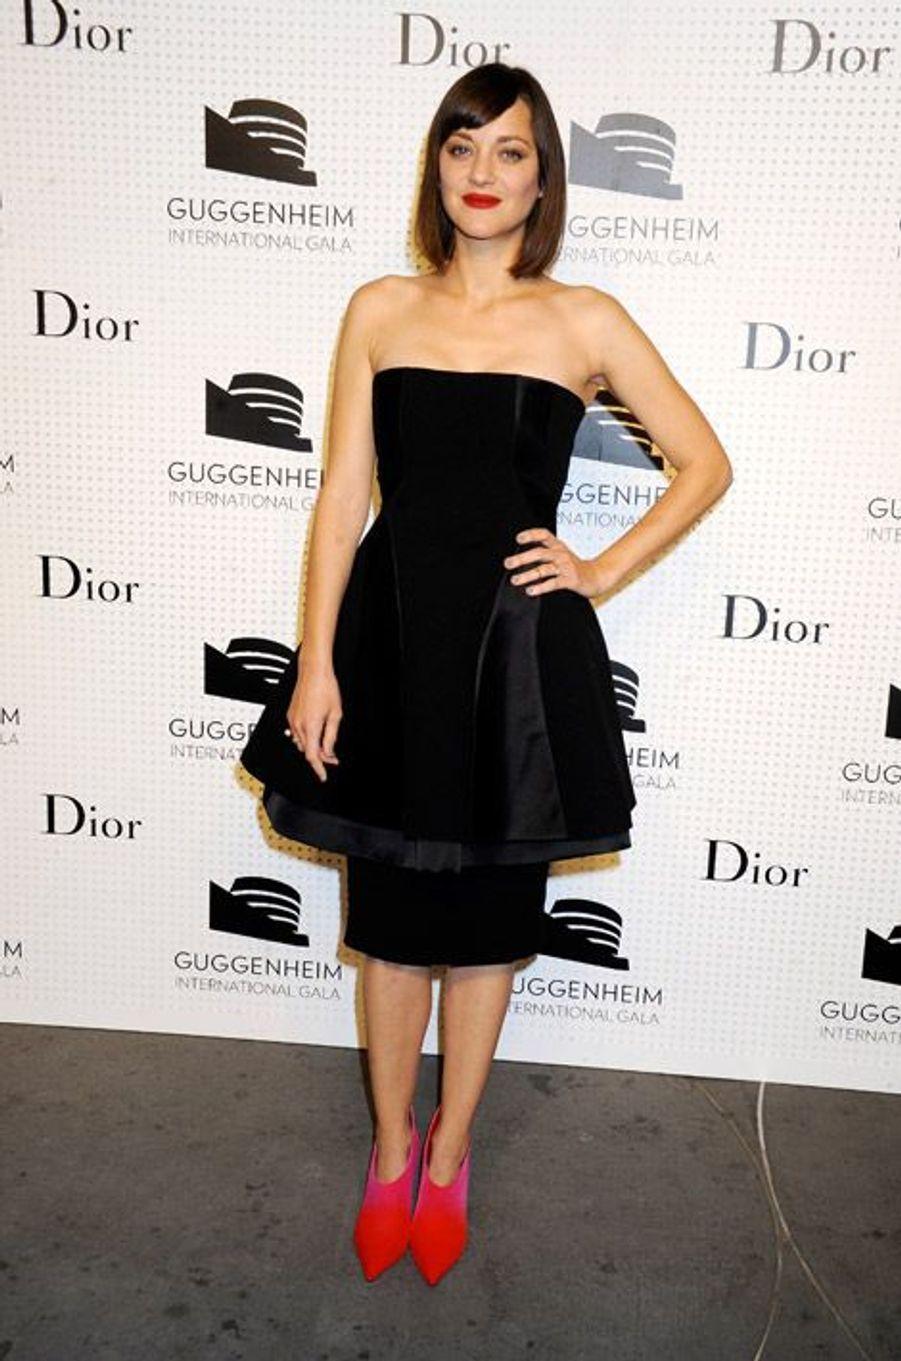 L'actrice Marion Cotillard en Dior Couture lors d'une soirée au musée Guggenheim de New York le 5 novembre 2014